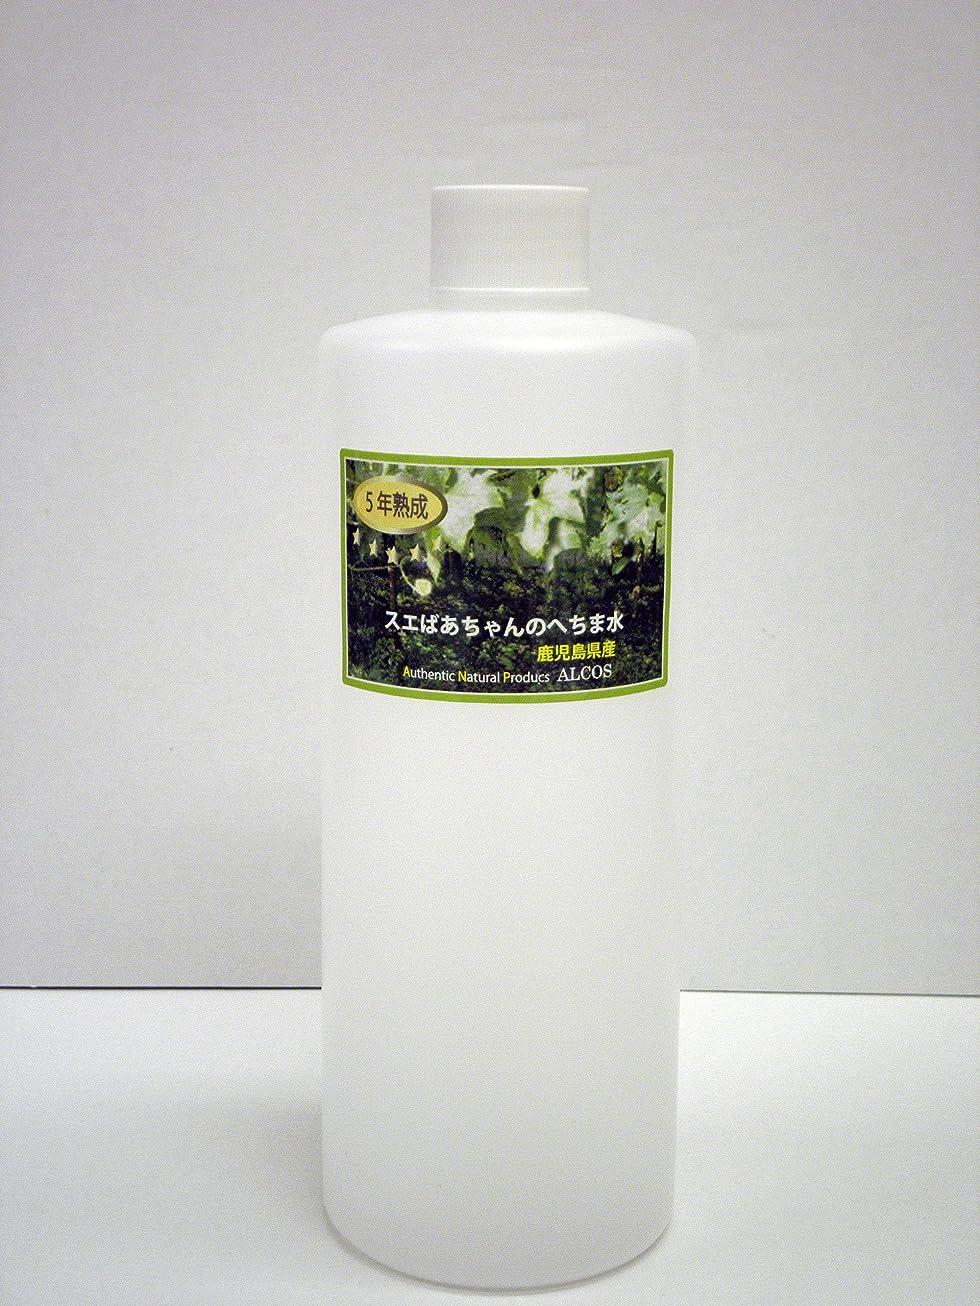 報復記録活力5年熟成スエばあちゃんのへちま水(容量500ml)鹿児島県産?有機栽培(無農薬) ※完全無添加オーガニックヘチマ水100% ※商品のラベルはスエばあちゃんのへちま畑の写真です。ALCOS(アルコス) 天然水ヘチマ [5年500]